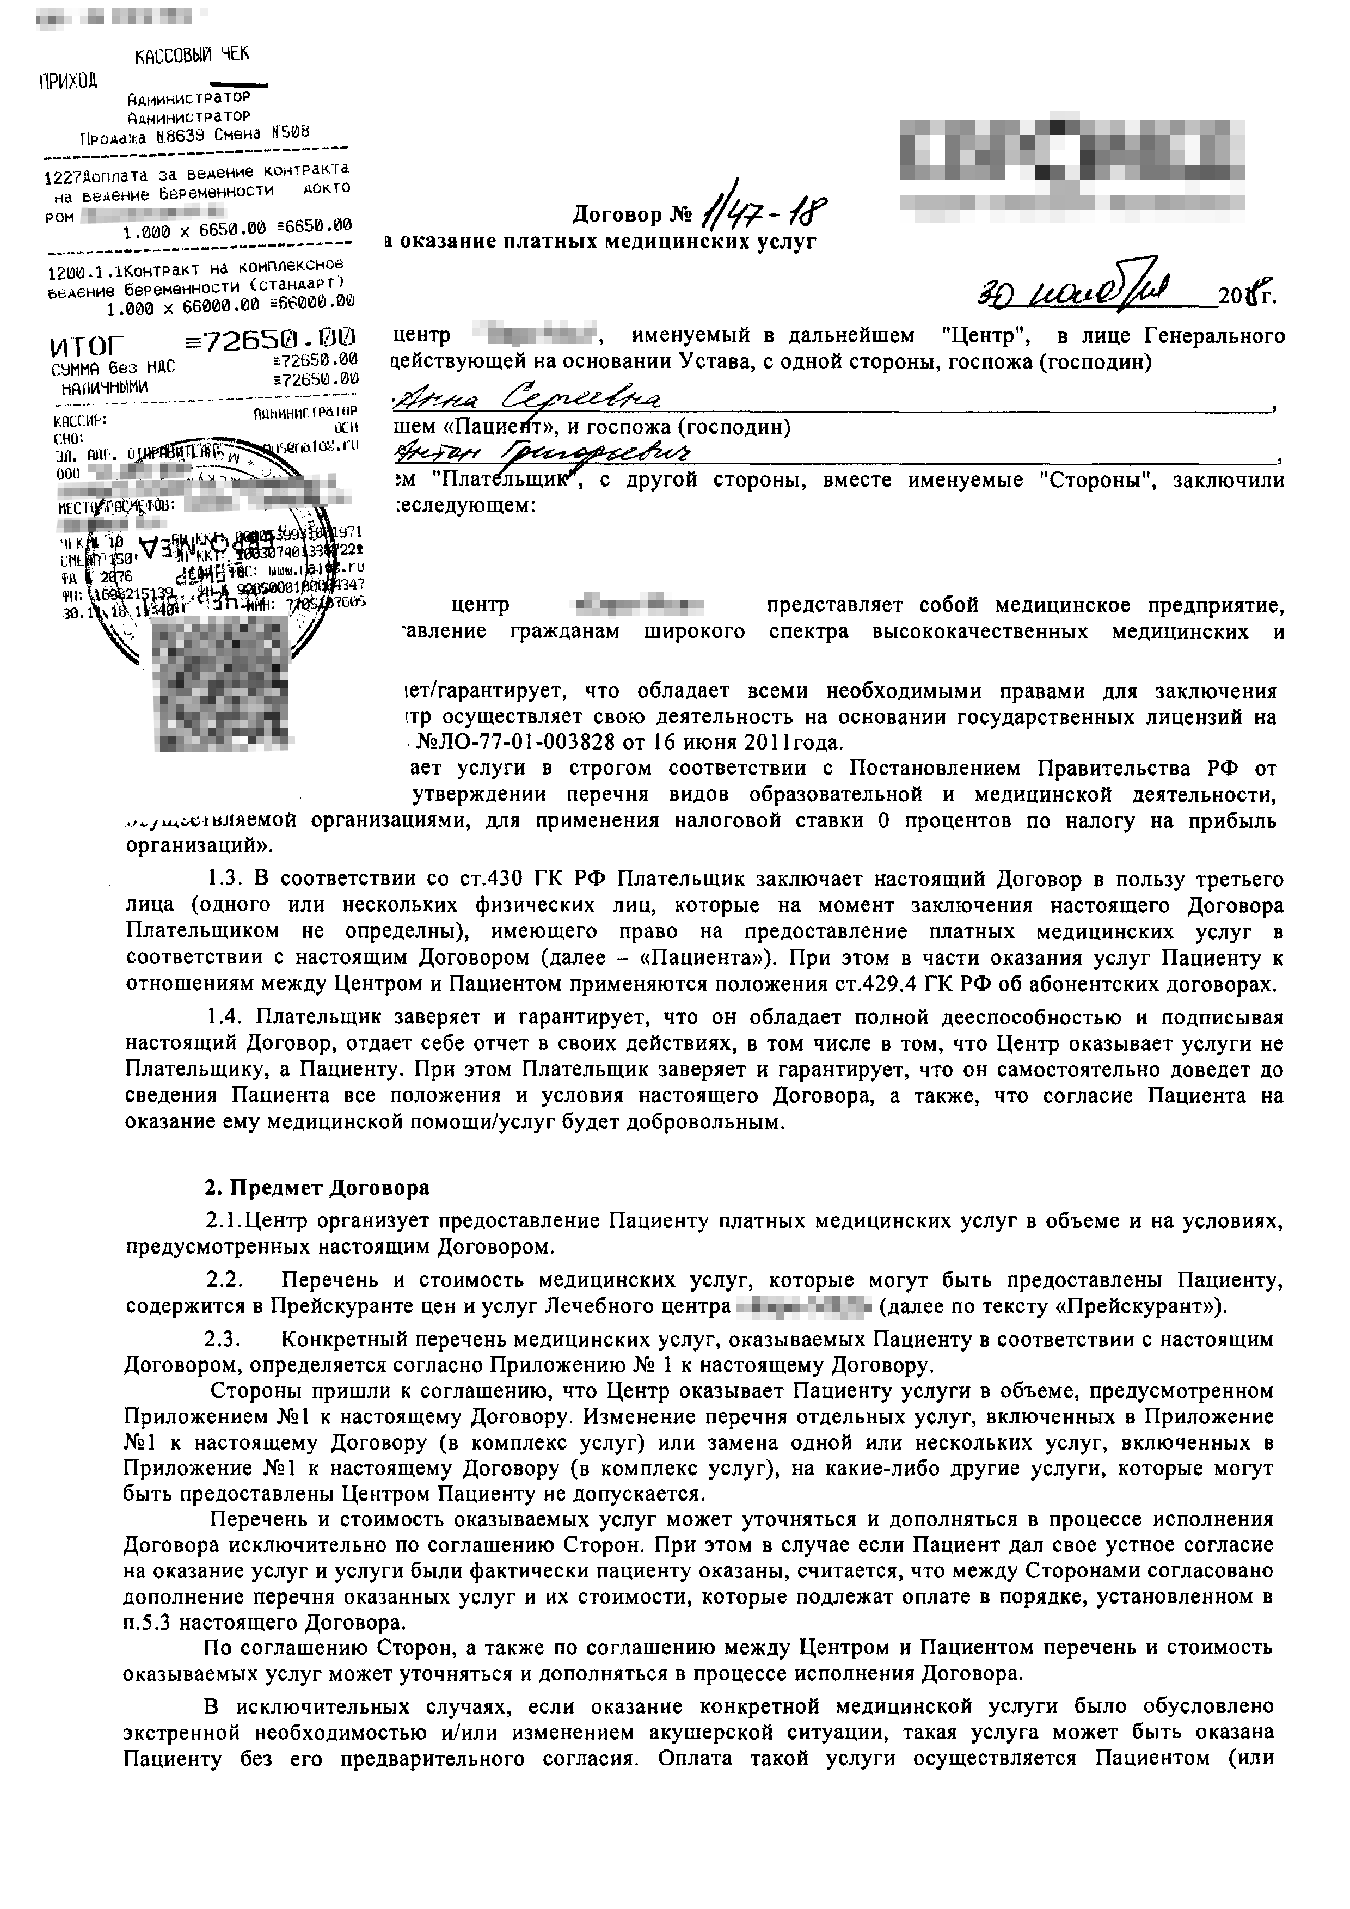 Договор на оказание платных медицинских услуг, который я заключила с клиникой: 66 000<span class=ruble>Р</span> за пакет «Стандарт» и 6650<span class=ruble>Р</span> за наблюдение у врача — кандидата наук